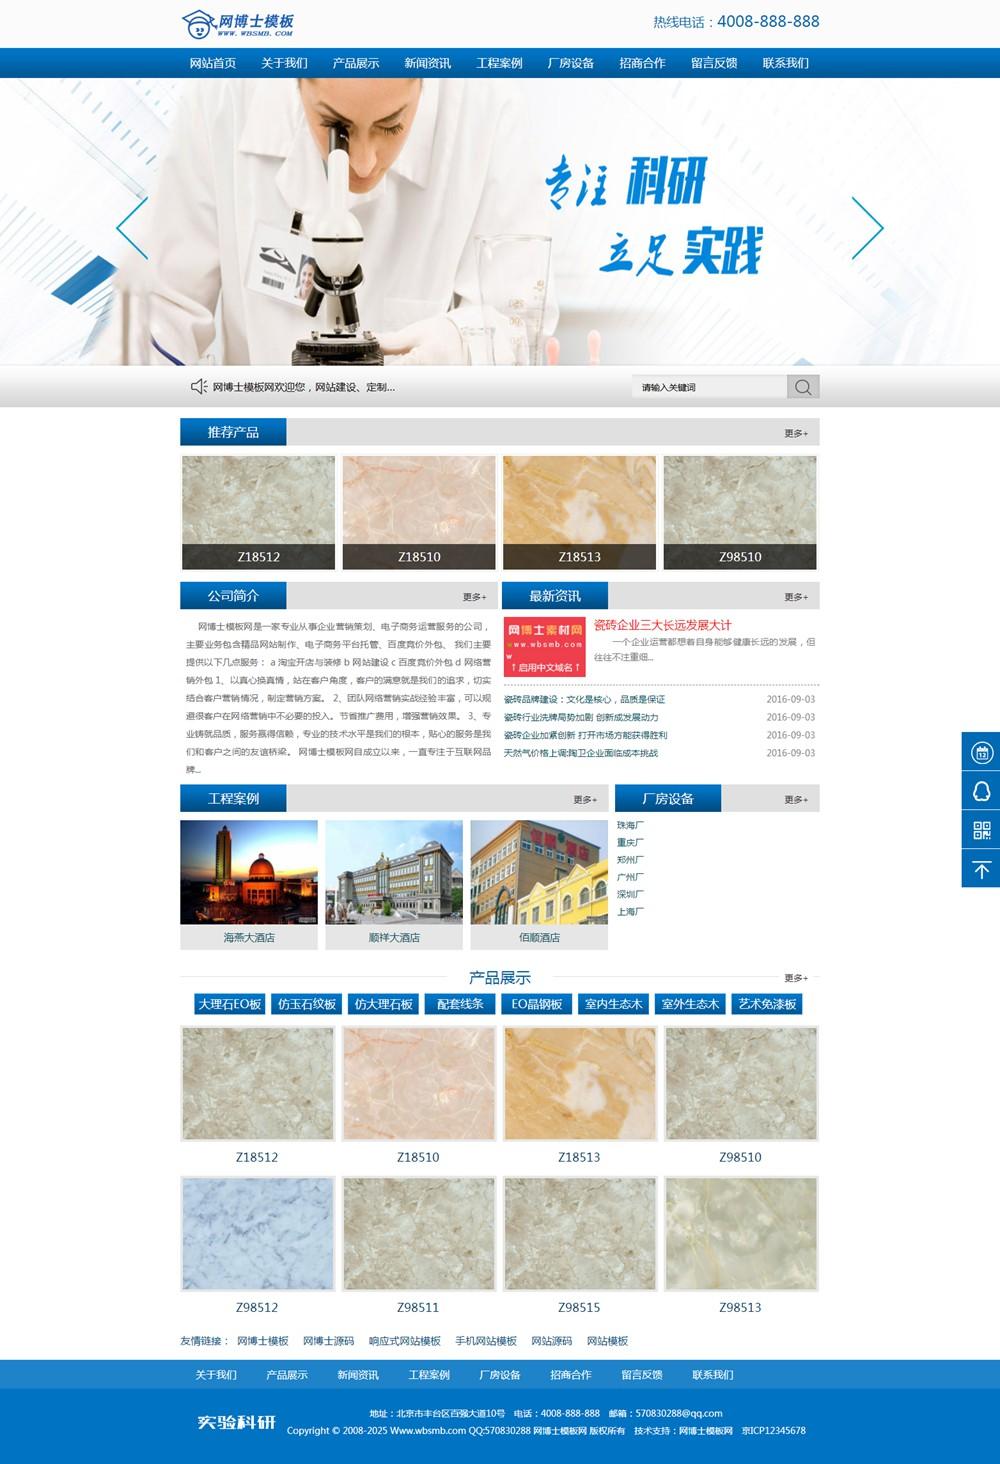 (手机数据同步)化学化工企业实验科技研究类网站